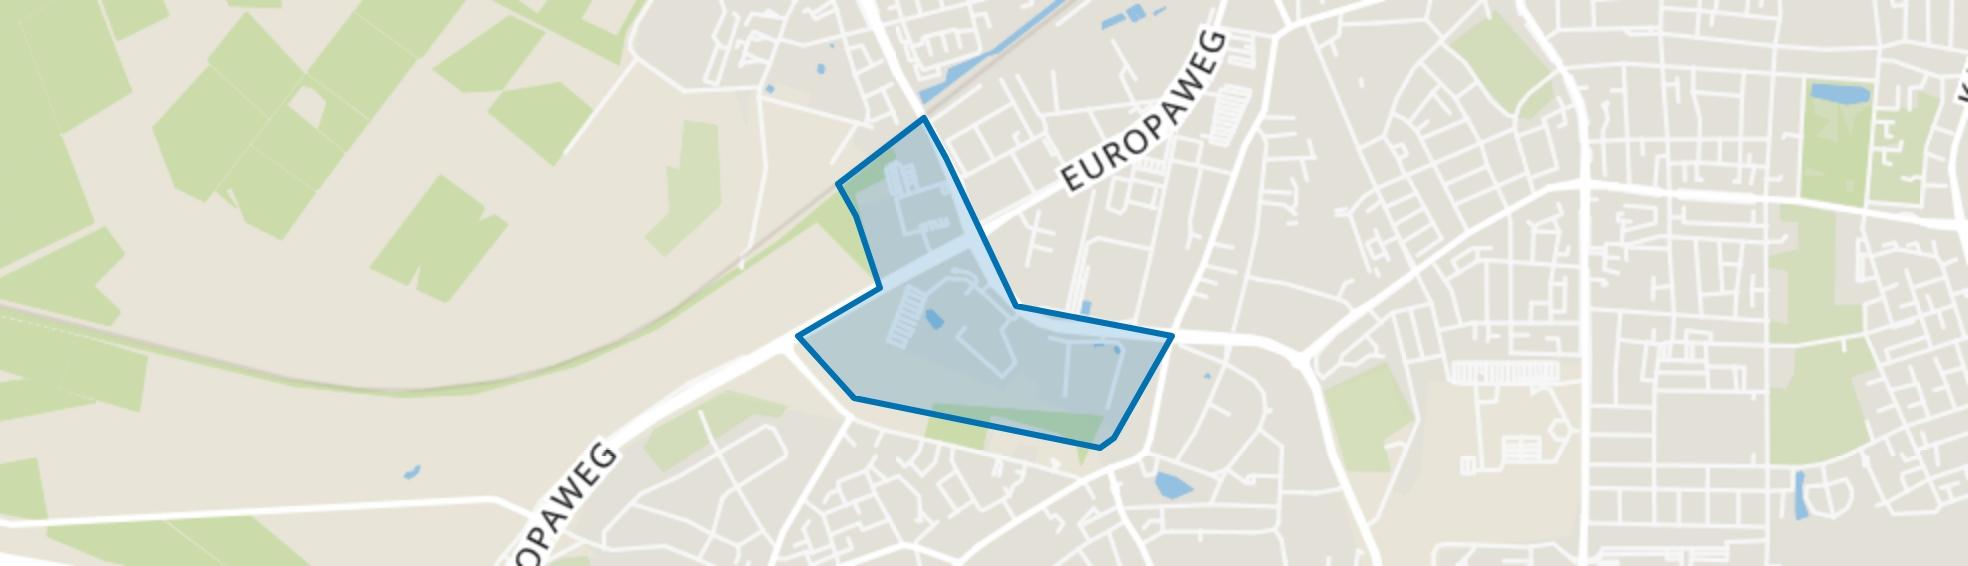 Brouwersmolen-Zuid, Apeldoorn map